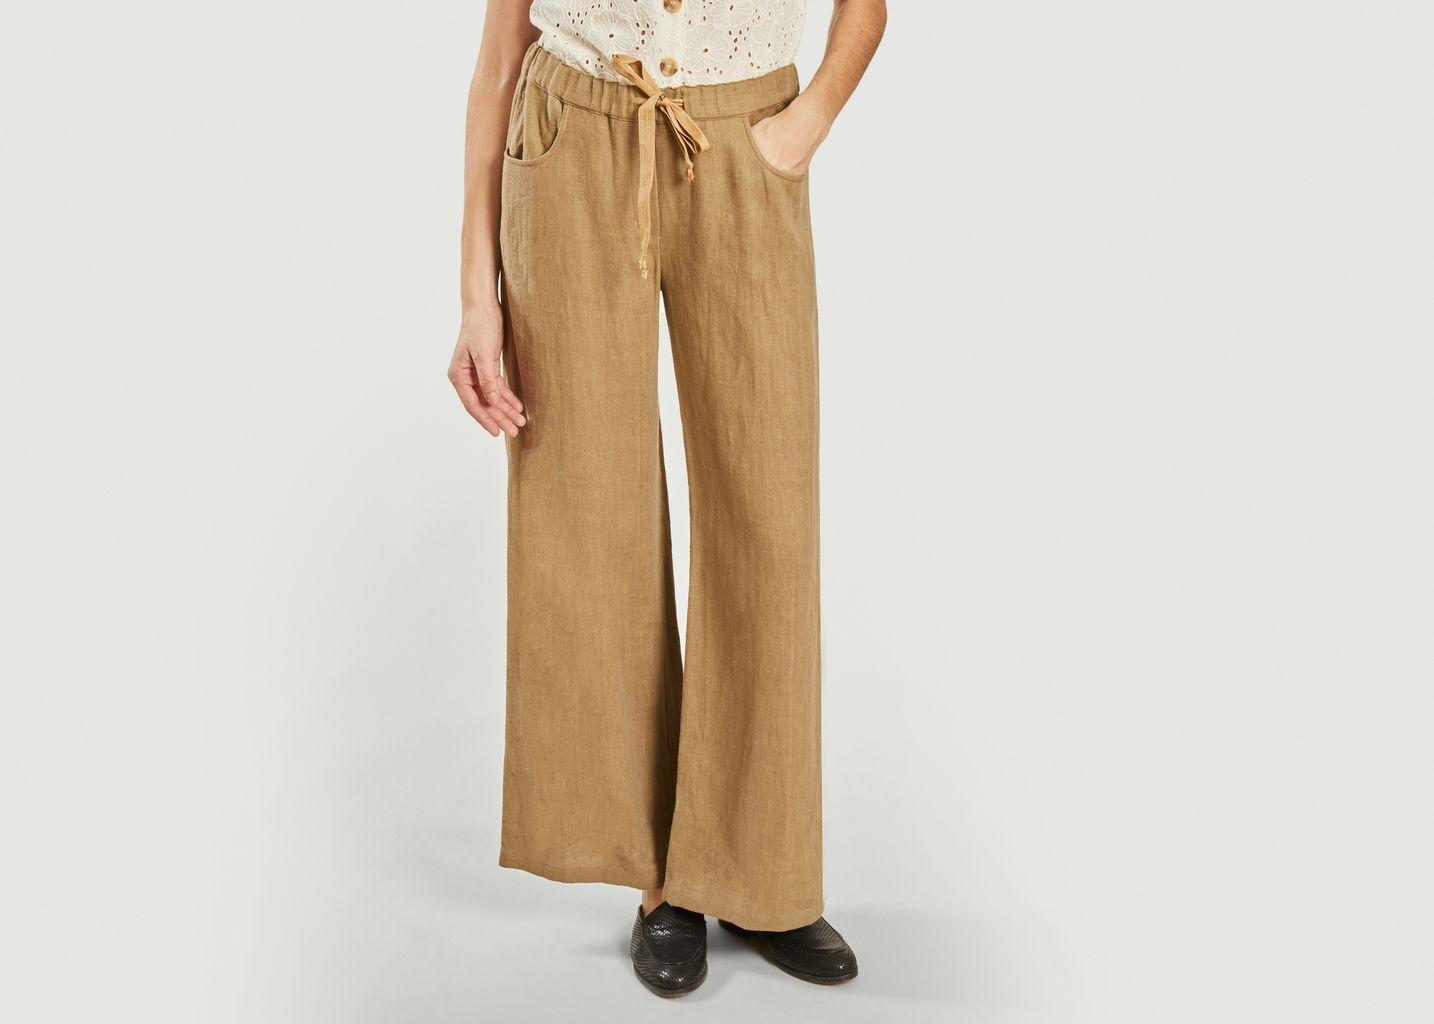 Pantalon Pasquo - Diega